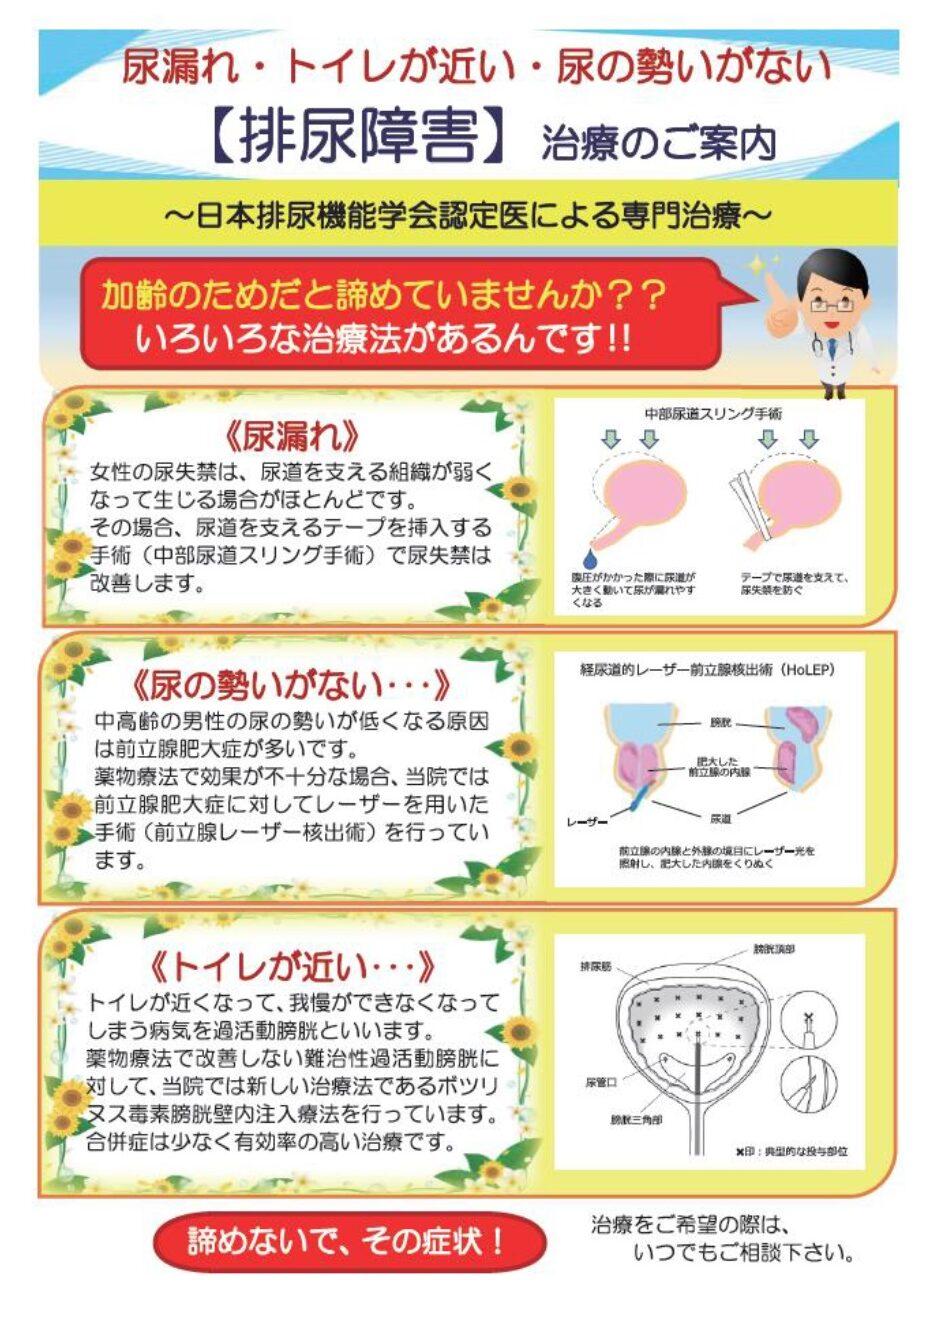 https://www.west-medical-center.med.nagoya-cu.ac.jp/wp-content/uploads/2021/08/7dc715eaa6e01f094a37c0afb9a3e03e-1-e1629447125927.jpg